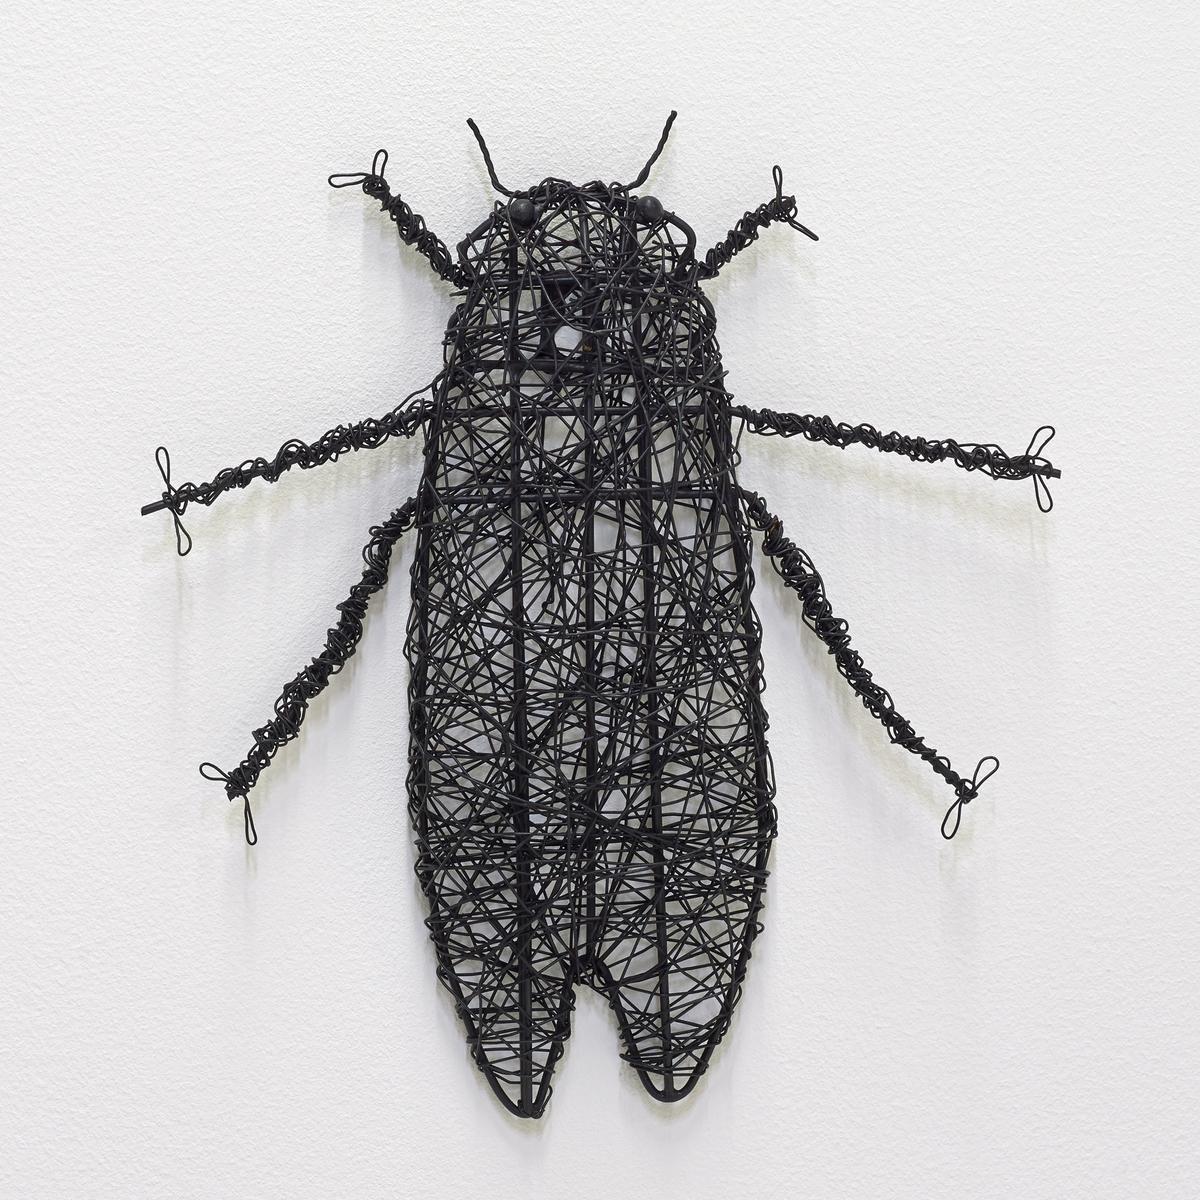 Насекомое металлическое MichiЦикада.Из чёрного металла.Можно поставить или прикрепить на стену .Размеры:. 16 x 26 x 3 см.<br><br>Цвет: металл черный<br>Размер: единый размер